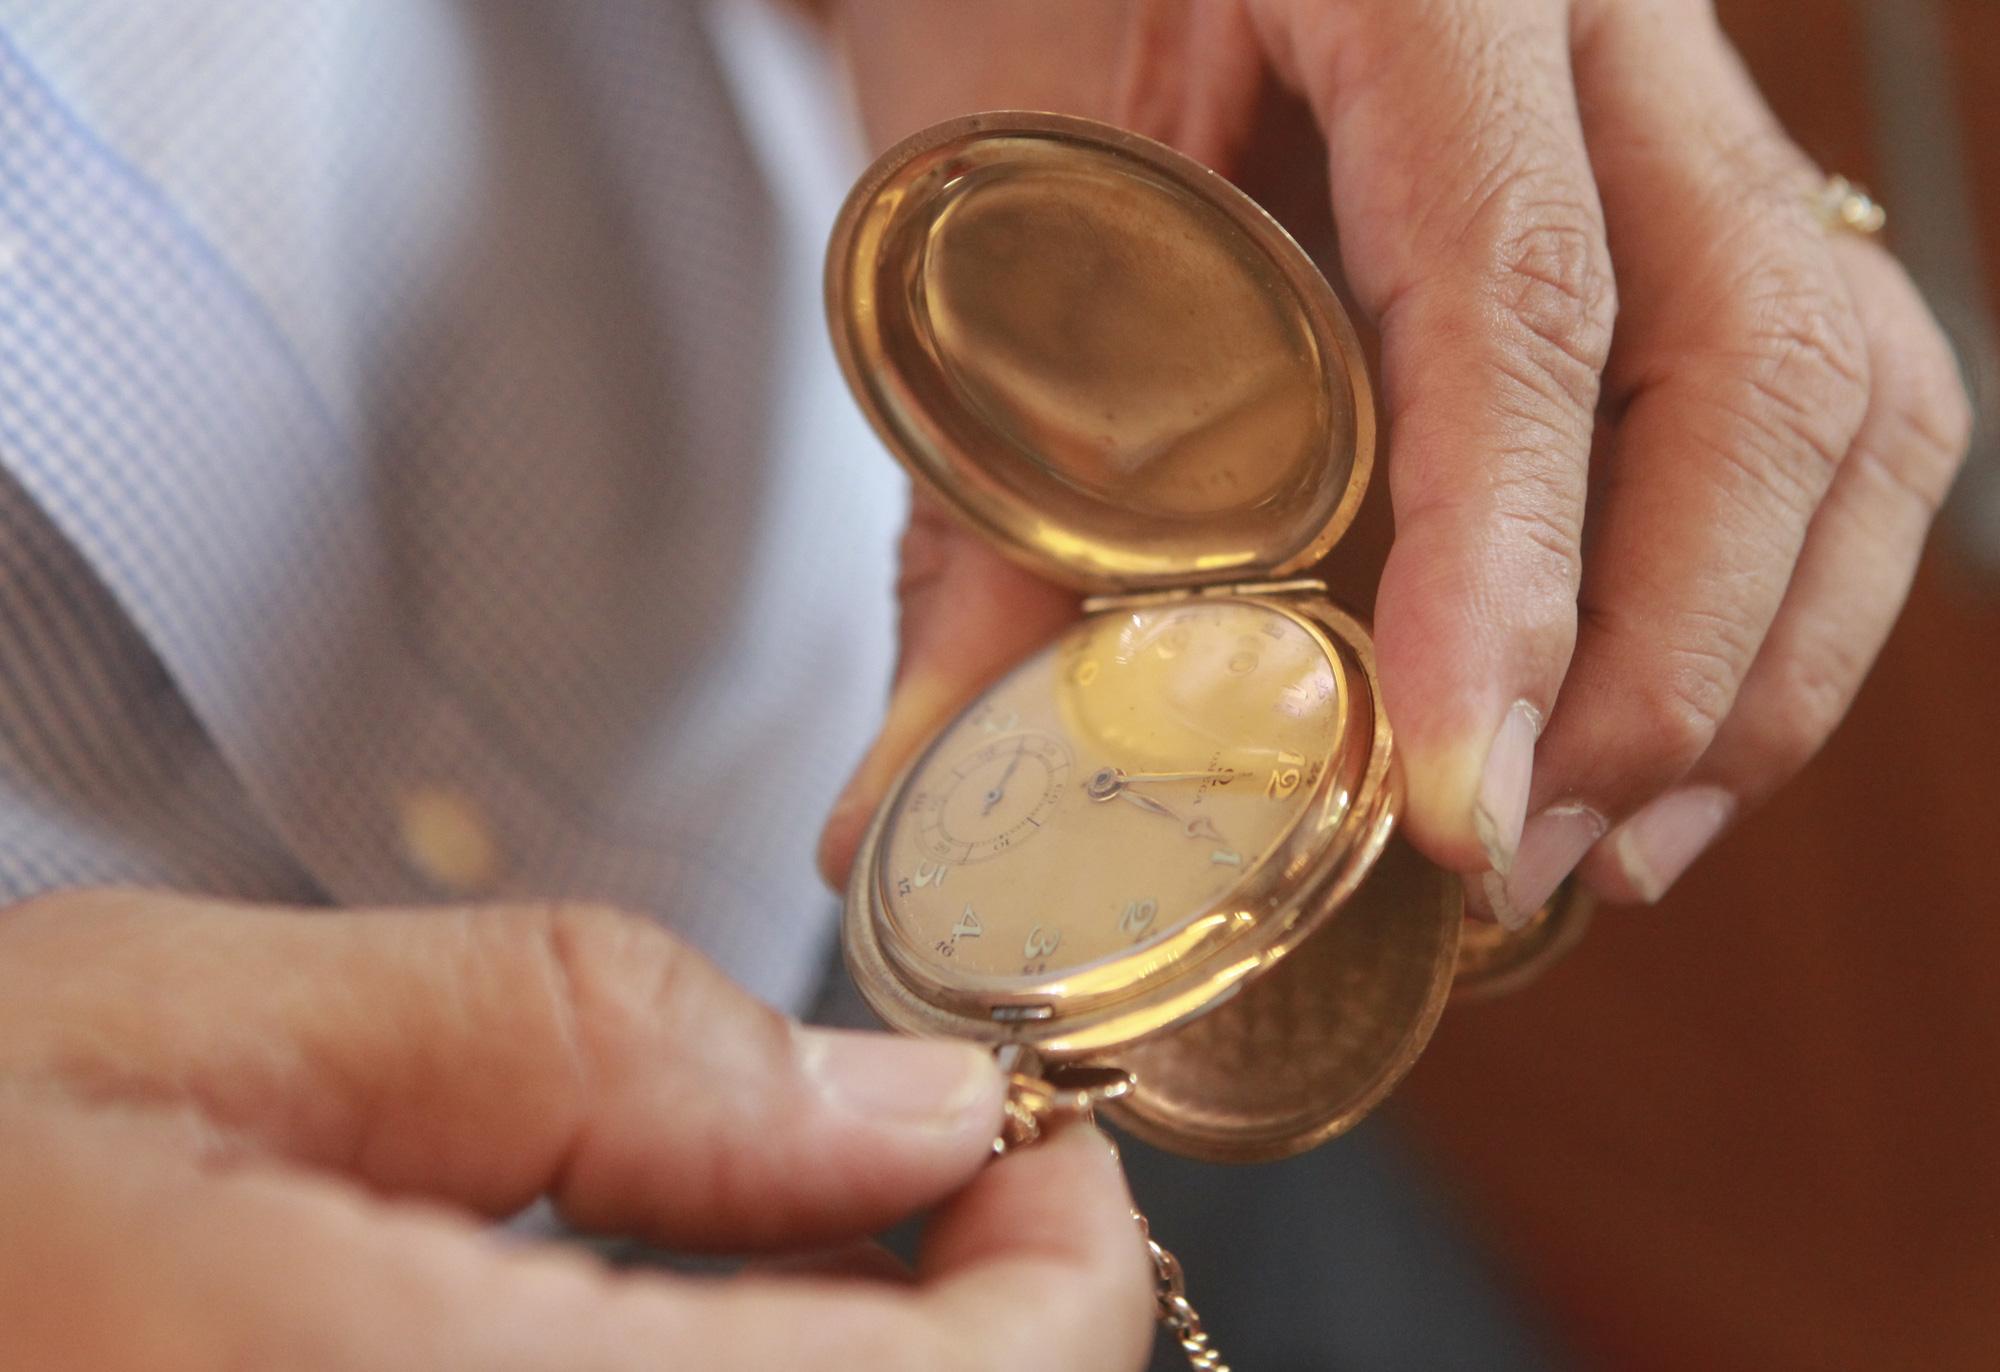 """Ông lão Hà thành và bộ sưu tập đồng hồ """"cực khủng"""", đặc biệt có chiếc có khả năng dự báo... """"bão"""" - Ảnh 3."""